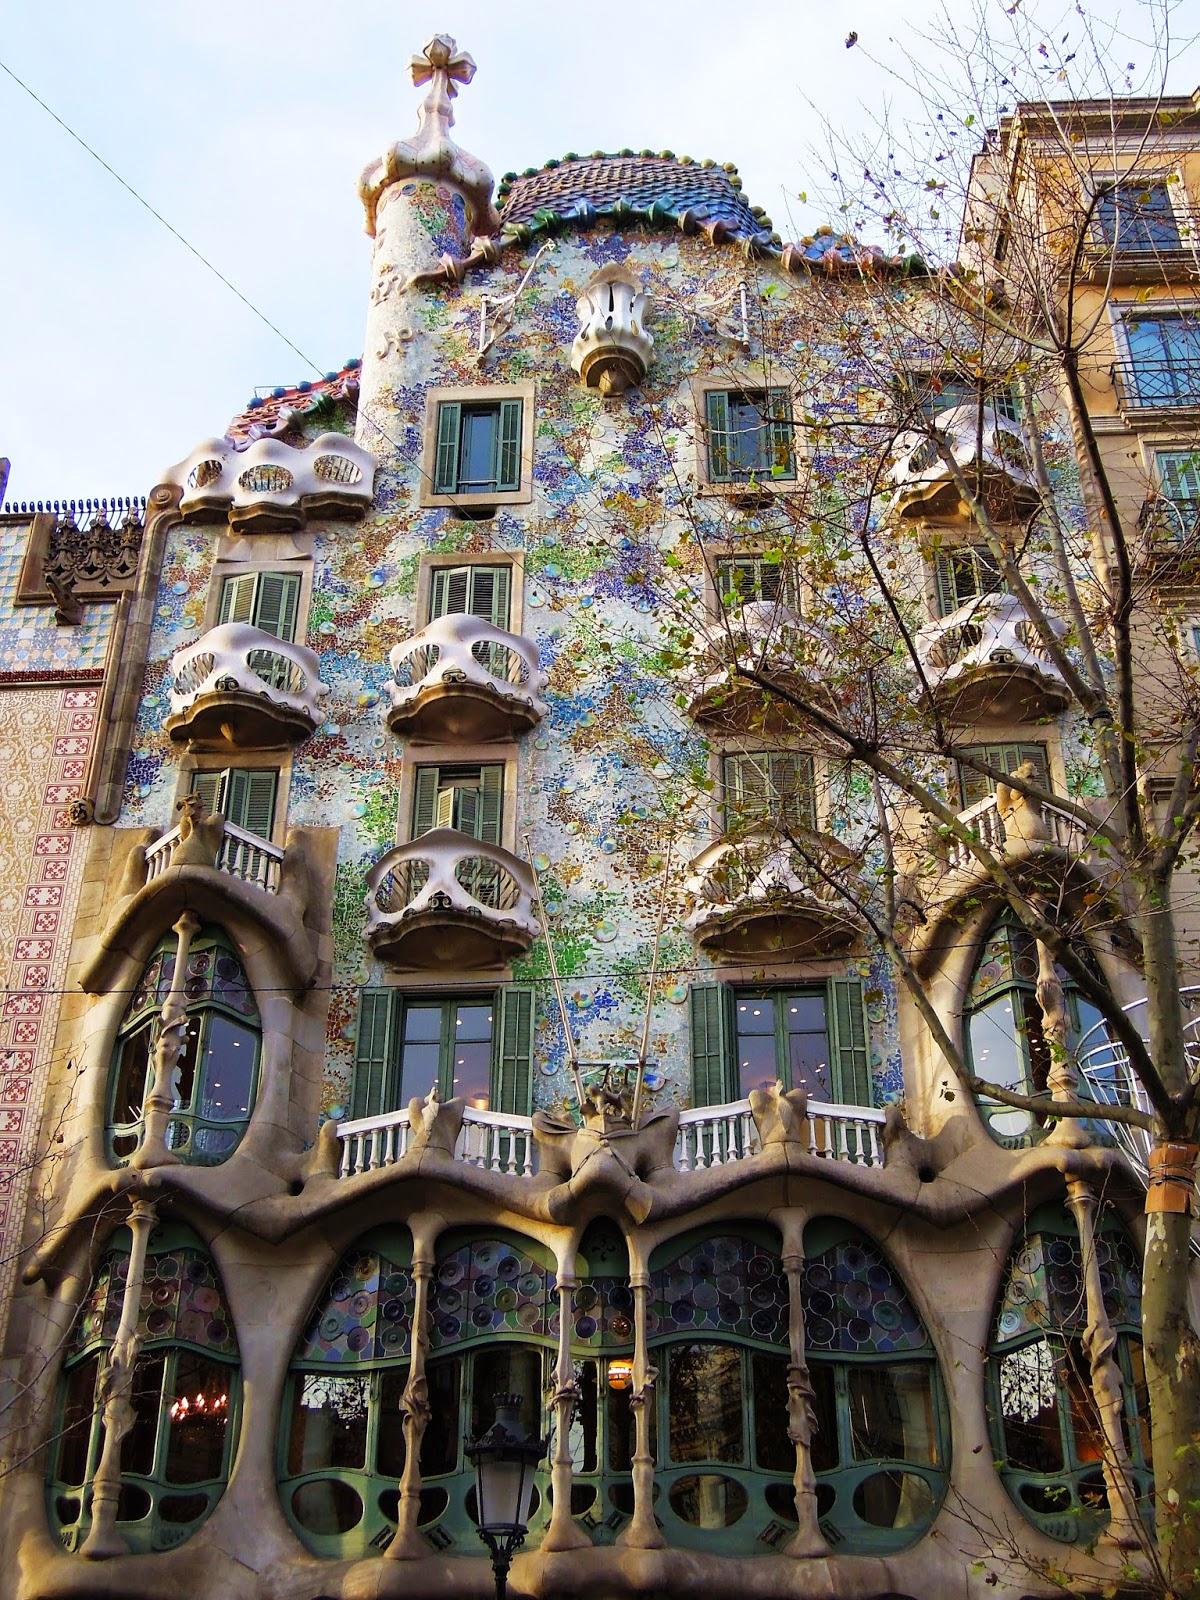 La facciata di Casa Battlò